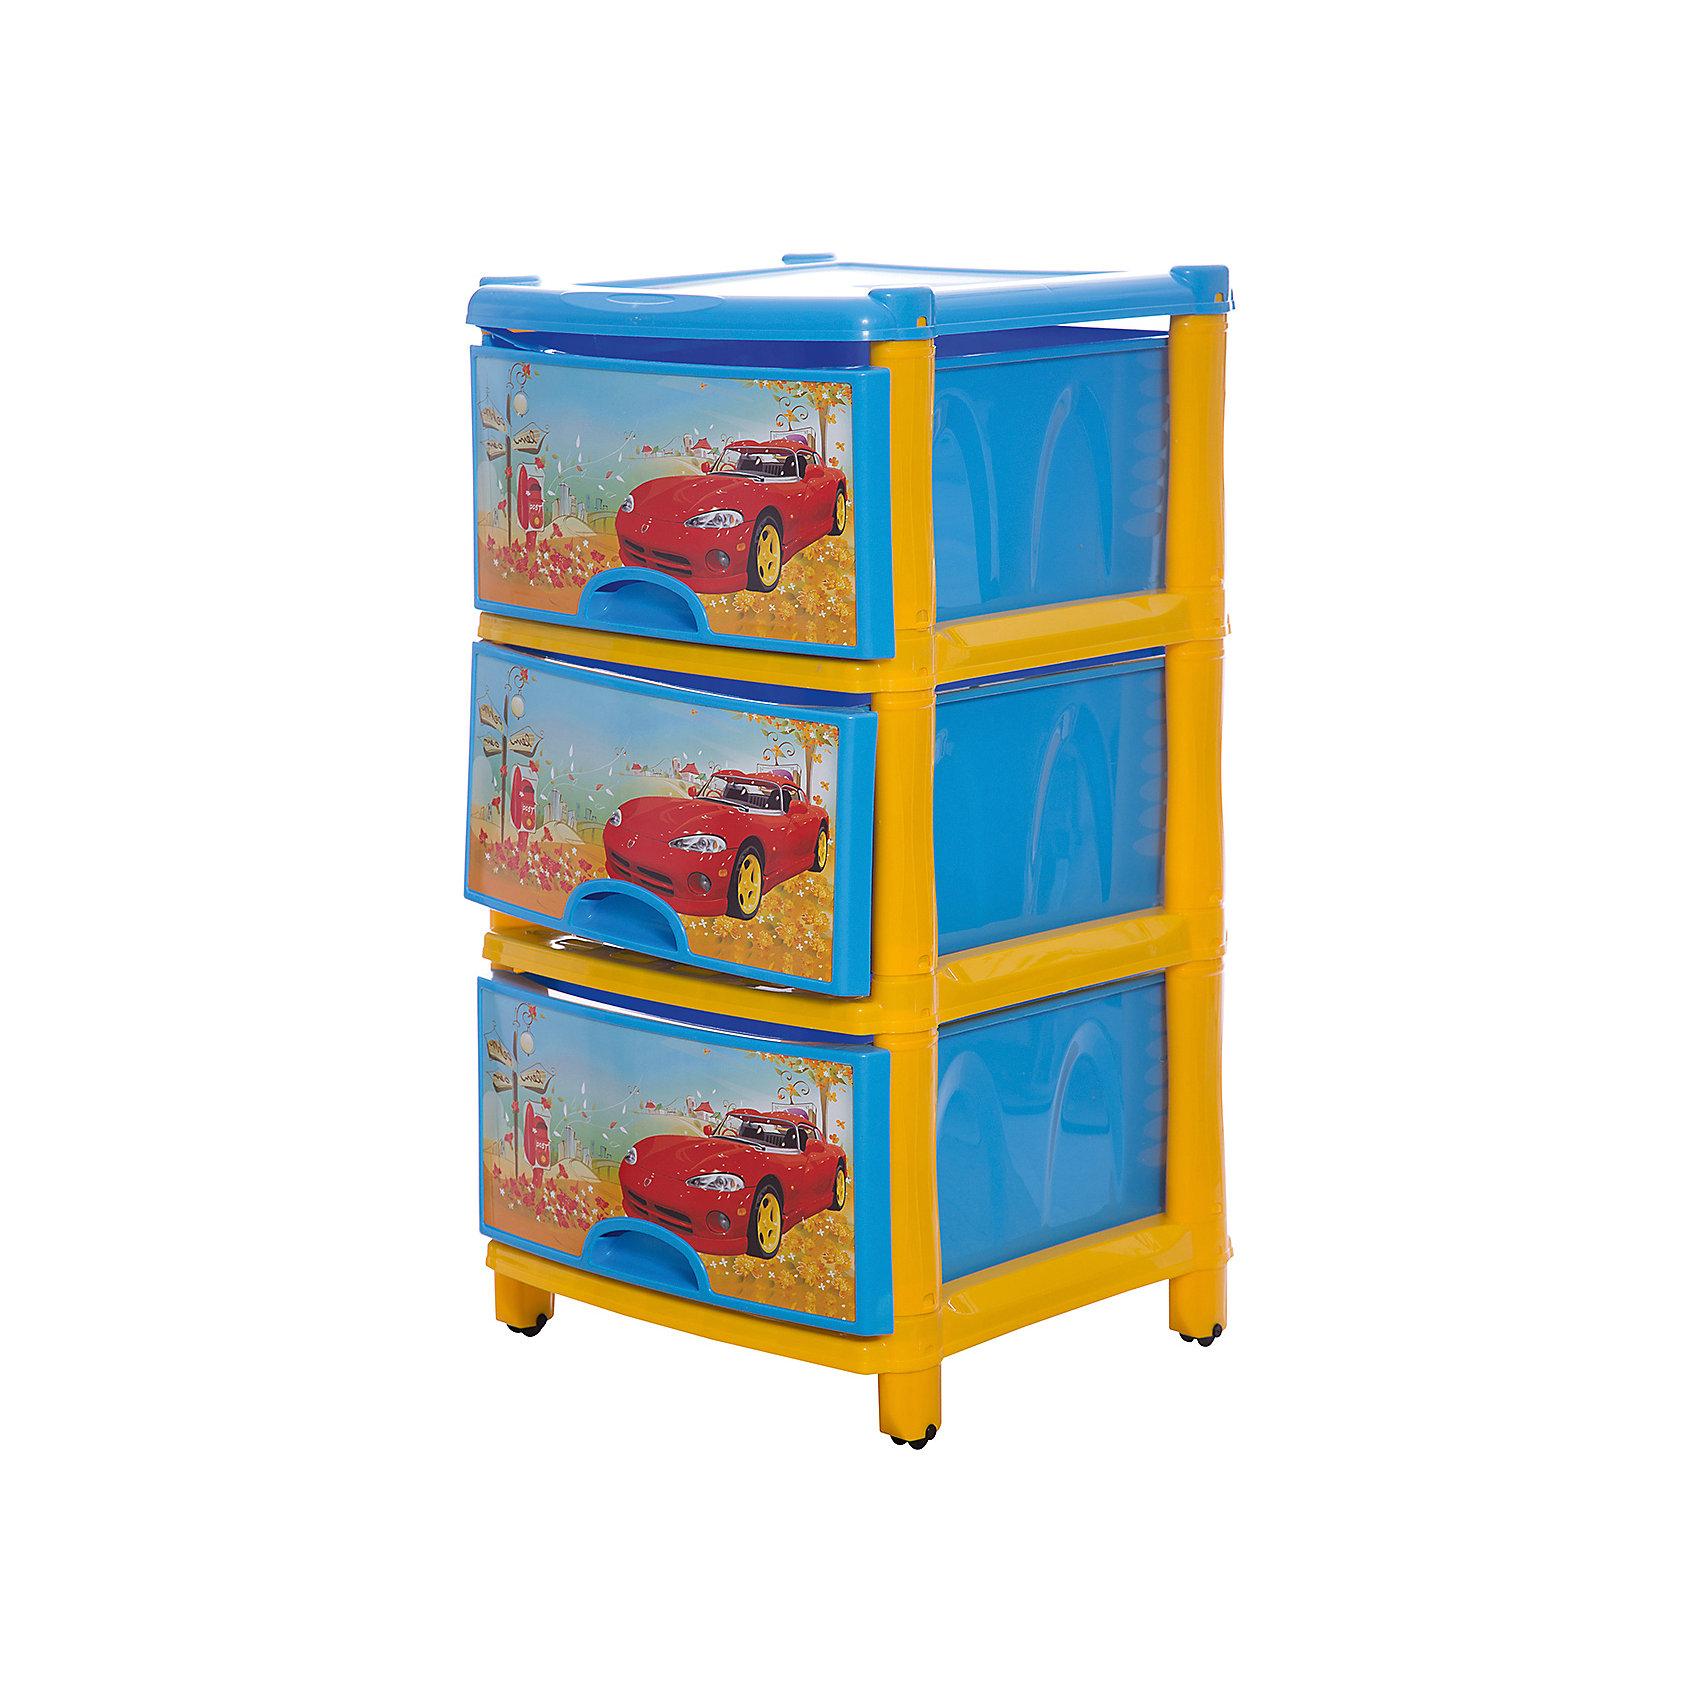 Комод 3-х секционный, Alternativa, синийМебель<br>Характеристики:<br><br>• Предназначение: для детской комнаты<br>• Пол: для мальчика<br>• Материал: пластик<br>• Цвет: голубой, красный, желтый<br>• Размер (Д*Ш*В):  74*48*38 см<br>• Вес: 4 кг 200 г<br>• Количество секций: 3 шт.<br>• Тип ящиков: выдвижные, с ручками<br>• В комплекте имеется инструкция по сборке<br>• Форма: прямоугольный<br>• Особенности ухода: разрешается мыть теплой водой<br><br>Комод 3-х секционный, Alternativa, синий изготовлен отечественным производителем ООО ЗПИ Альтернатива, который специализируется на выпуске широкого спектра изделий и предметов мебели из пластика. Комод выполнен из экологически безопасного материала, устойчивого к механическим повреждениям. Имеет компактный размер и повышенную вместимость за счет глубоких ящиков. Каркас комода устойчивый, ножки оснащены маленькими колесиками для удобства передвижения. Комод 3-х секционный, Alternativa, синий станет не только полезным для хранения различных принадлежностей, но и ярким предметом интерьера. <br><br>Комод 3-х секционный, Alternativa, синий можно купить в нашем интернет-магазине.<br><br>Ширина мм: 480<br>Глубина мм: 380<br>Высота мм: 740<br>Вес г: 3414<br>Возраст от месяцев: -2147483648<br>Возраст до месяцев: 2147483647<br>Пол: Мужской<br>Возраст: Детский<br>SKU: 5096540